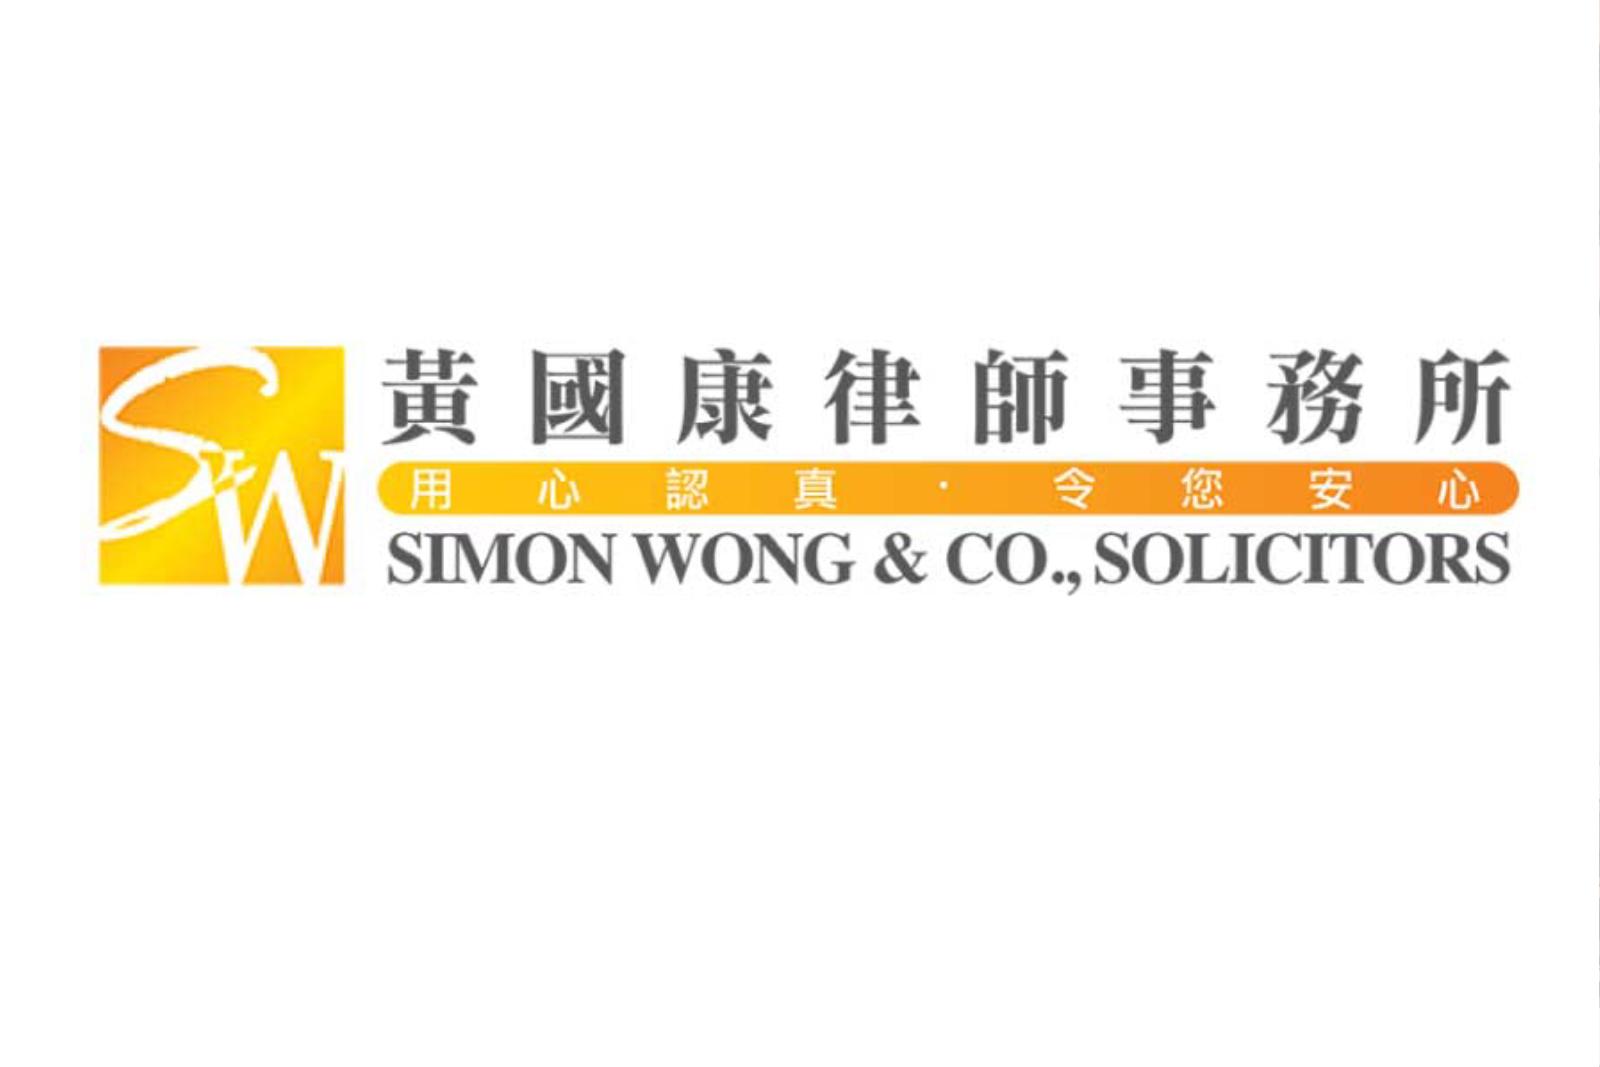 Simon Wong & Co.